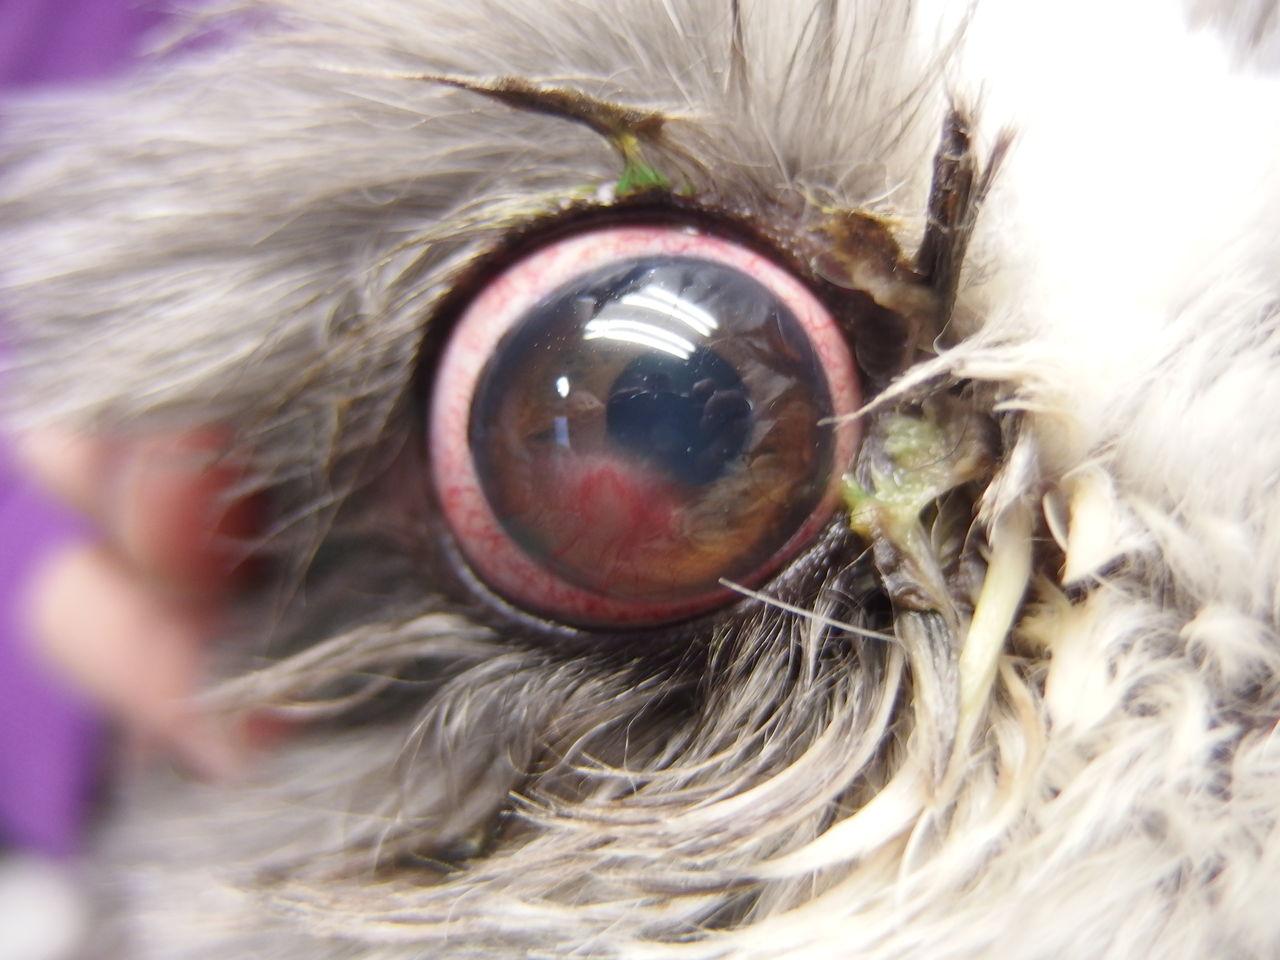 猫の結膜炎は自然治癒可能? - こんにちは。現在2 …